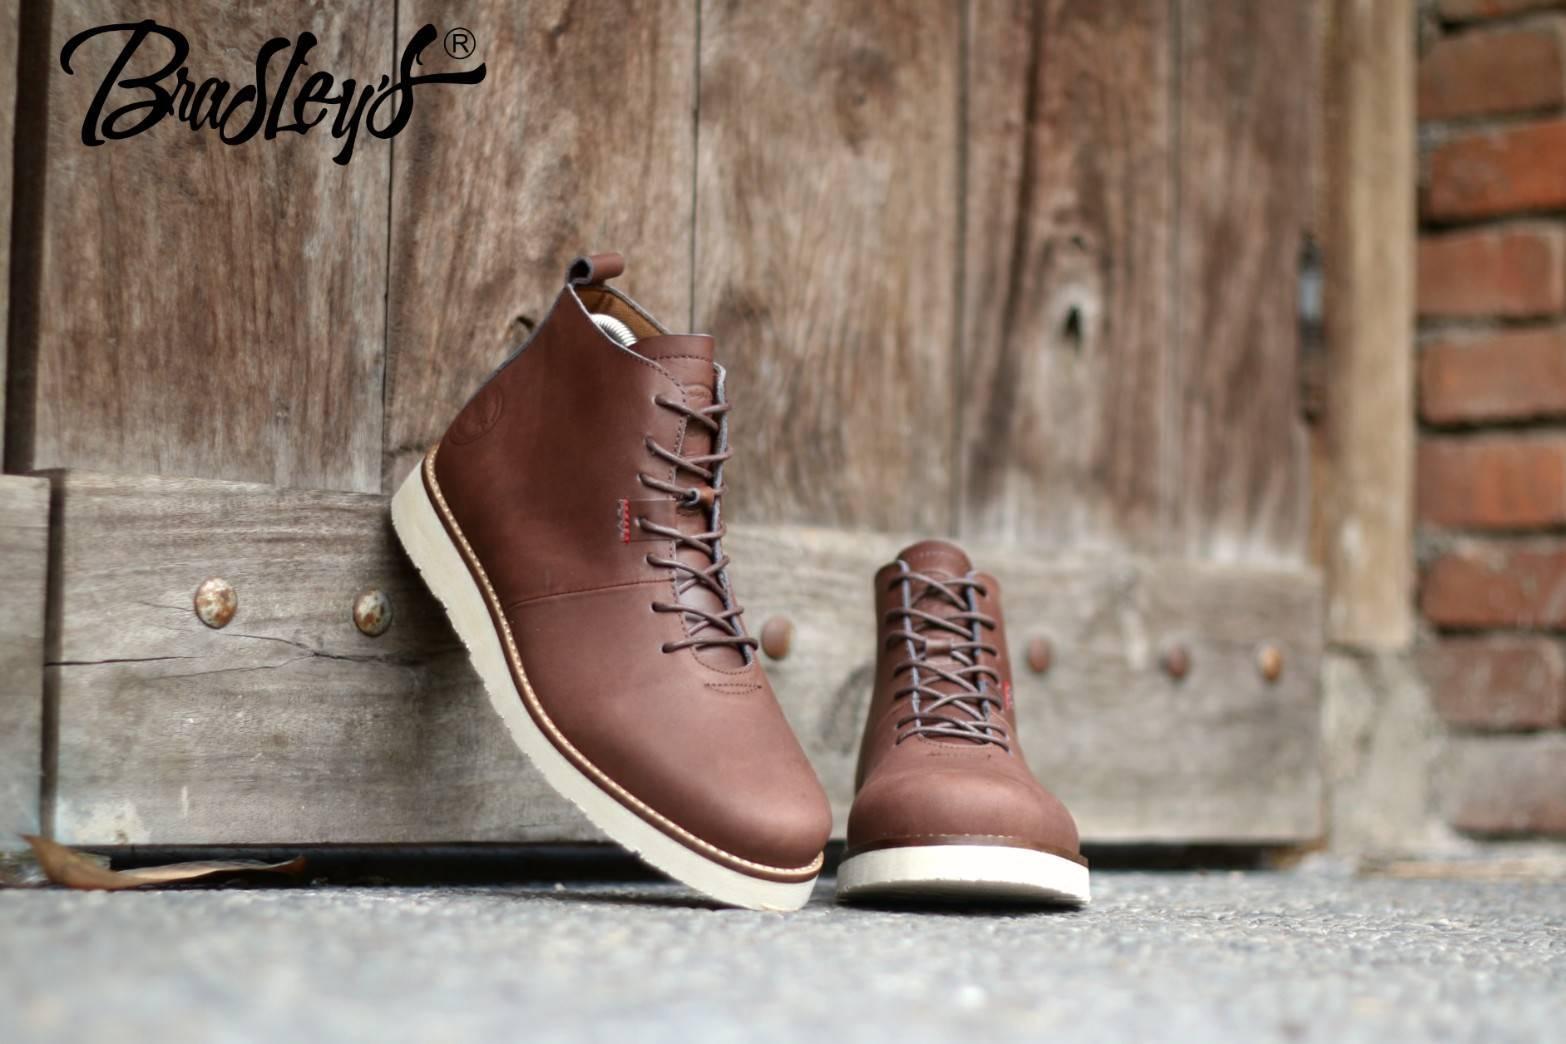 B A E WEAH Sepatu Brodo Kulit Bradleys Original - Brodo Sepatu Boots kulit Pria Dan Wanita Kulit Asli - Sepatu Boots Pria - Sepatu Boots Tinggi